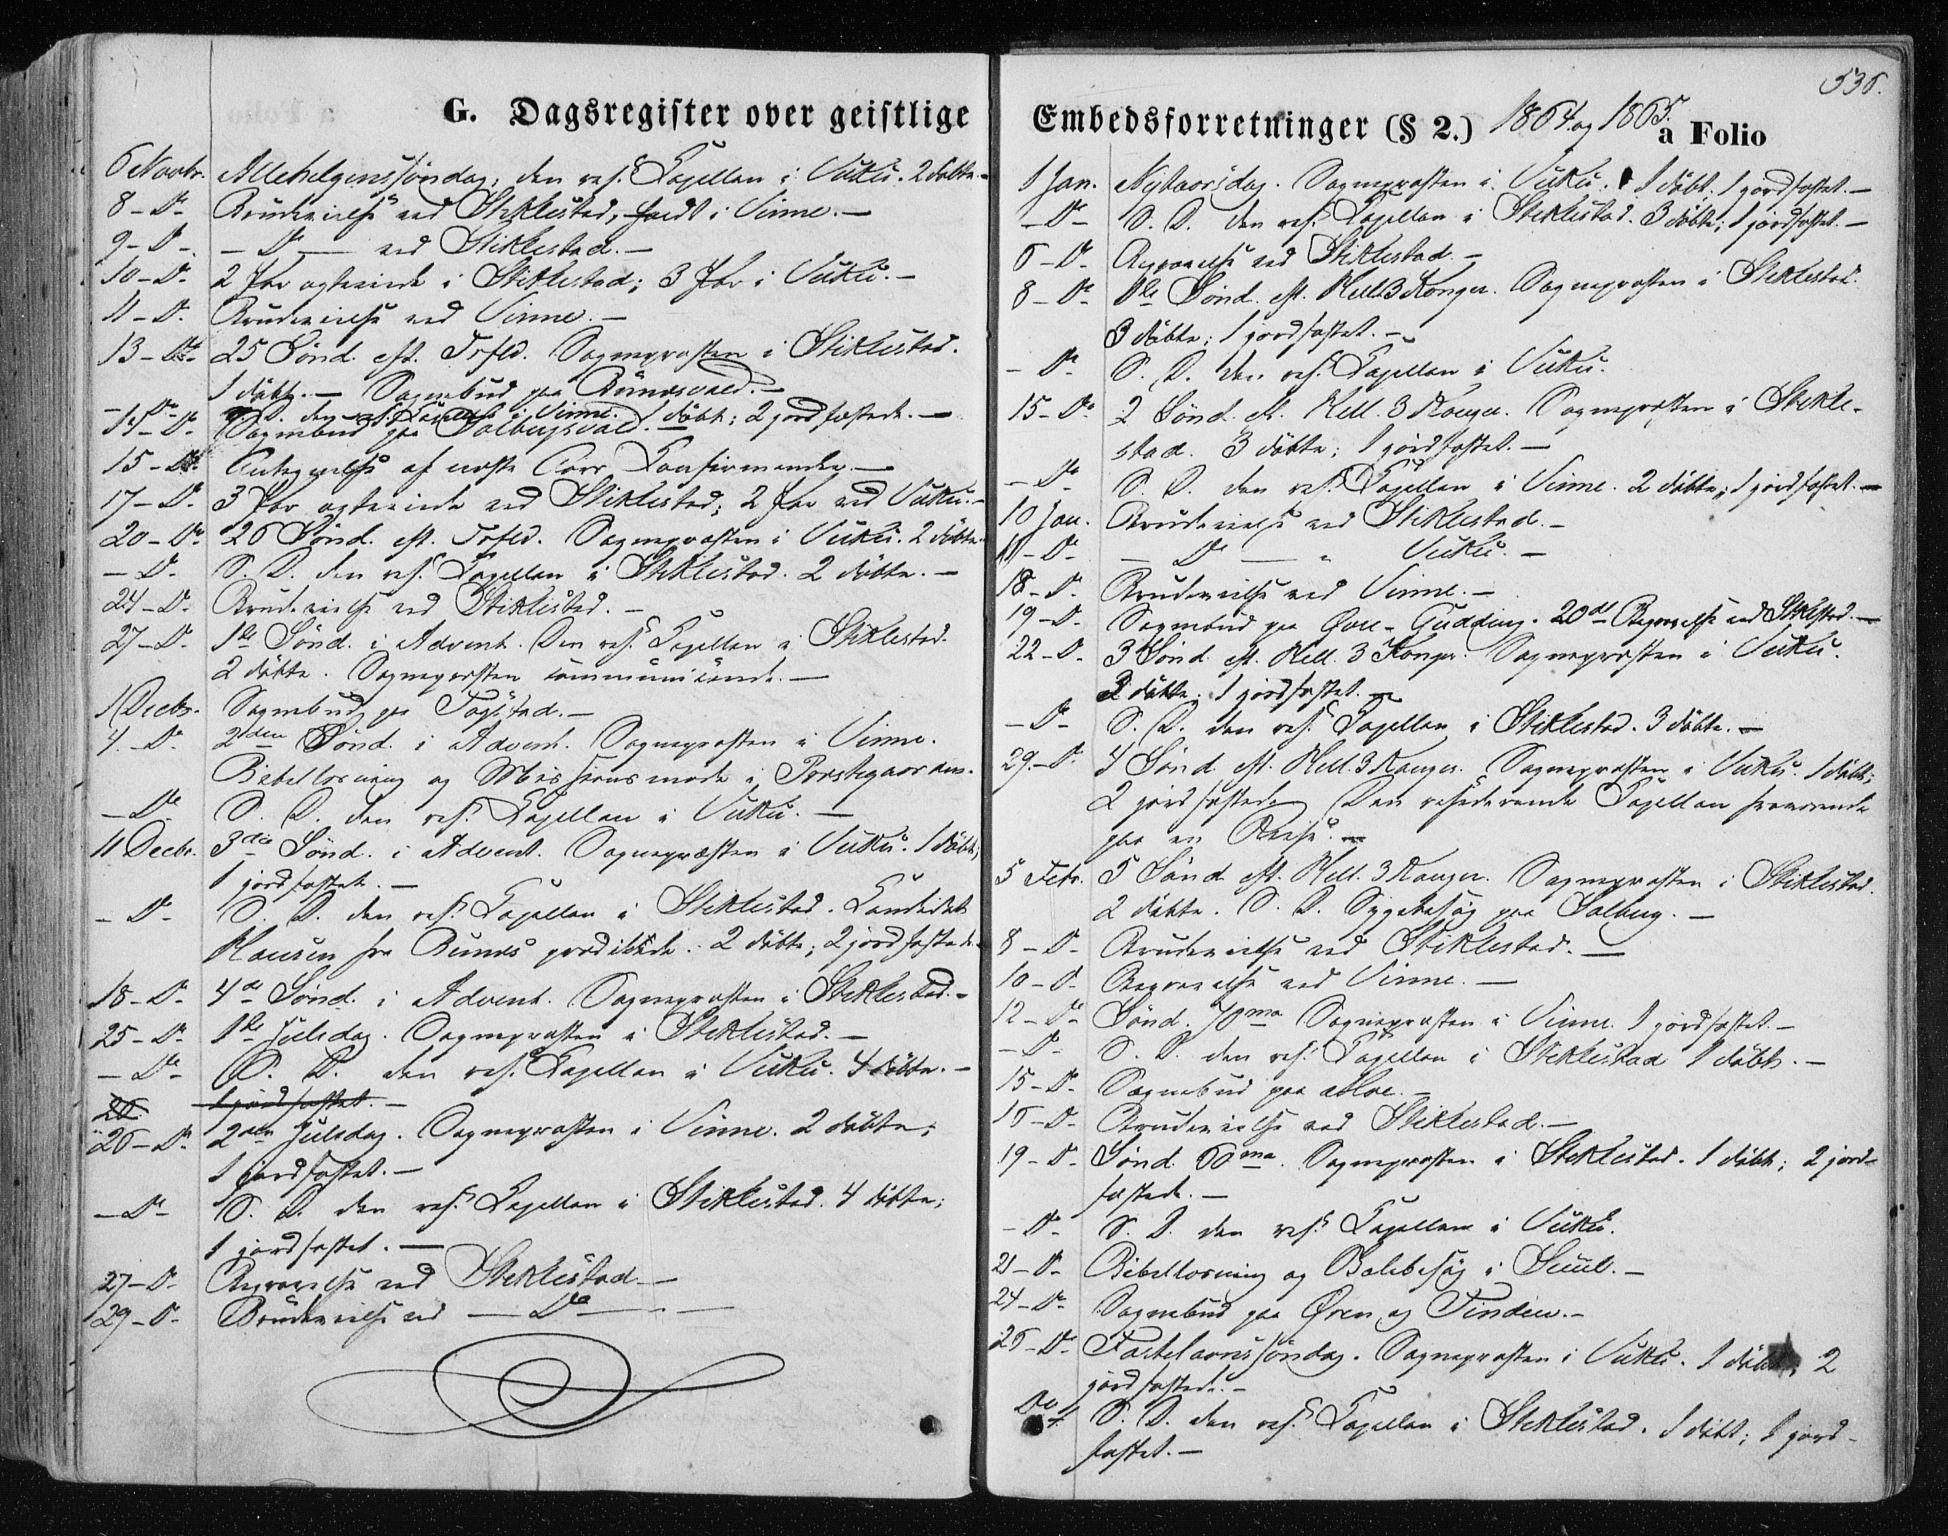 SAT, Ministerialprotokoller, klokkerbøker og fødselsregistre - Nord-Trøndelag, 723/L0241: Ministerialbok nr. 723A10, 1860-1869, s. 536